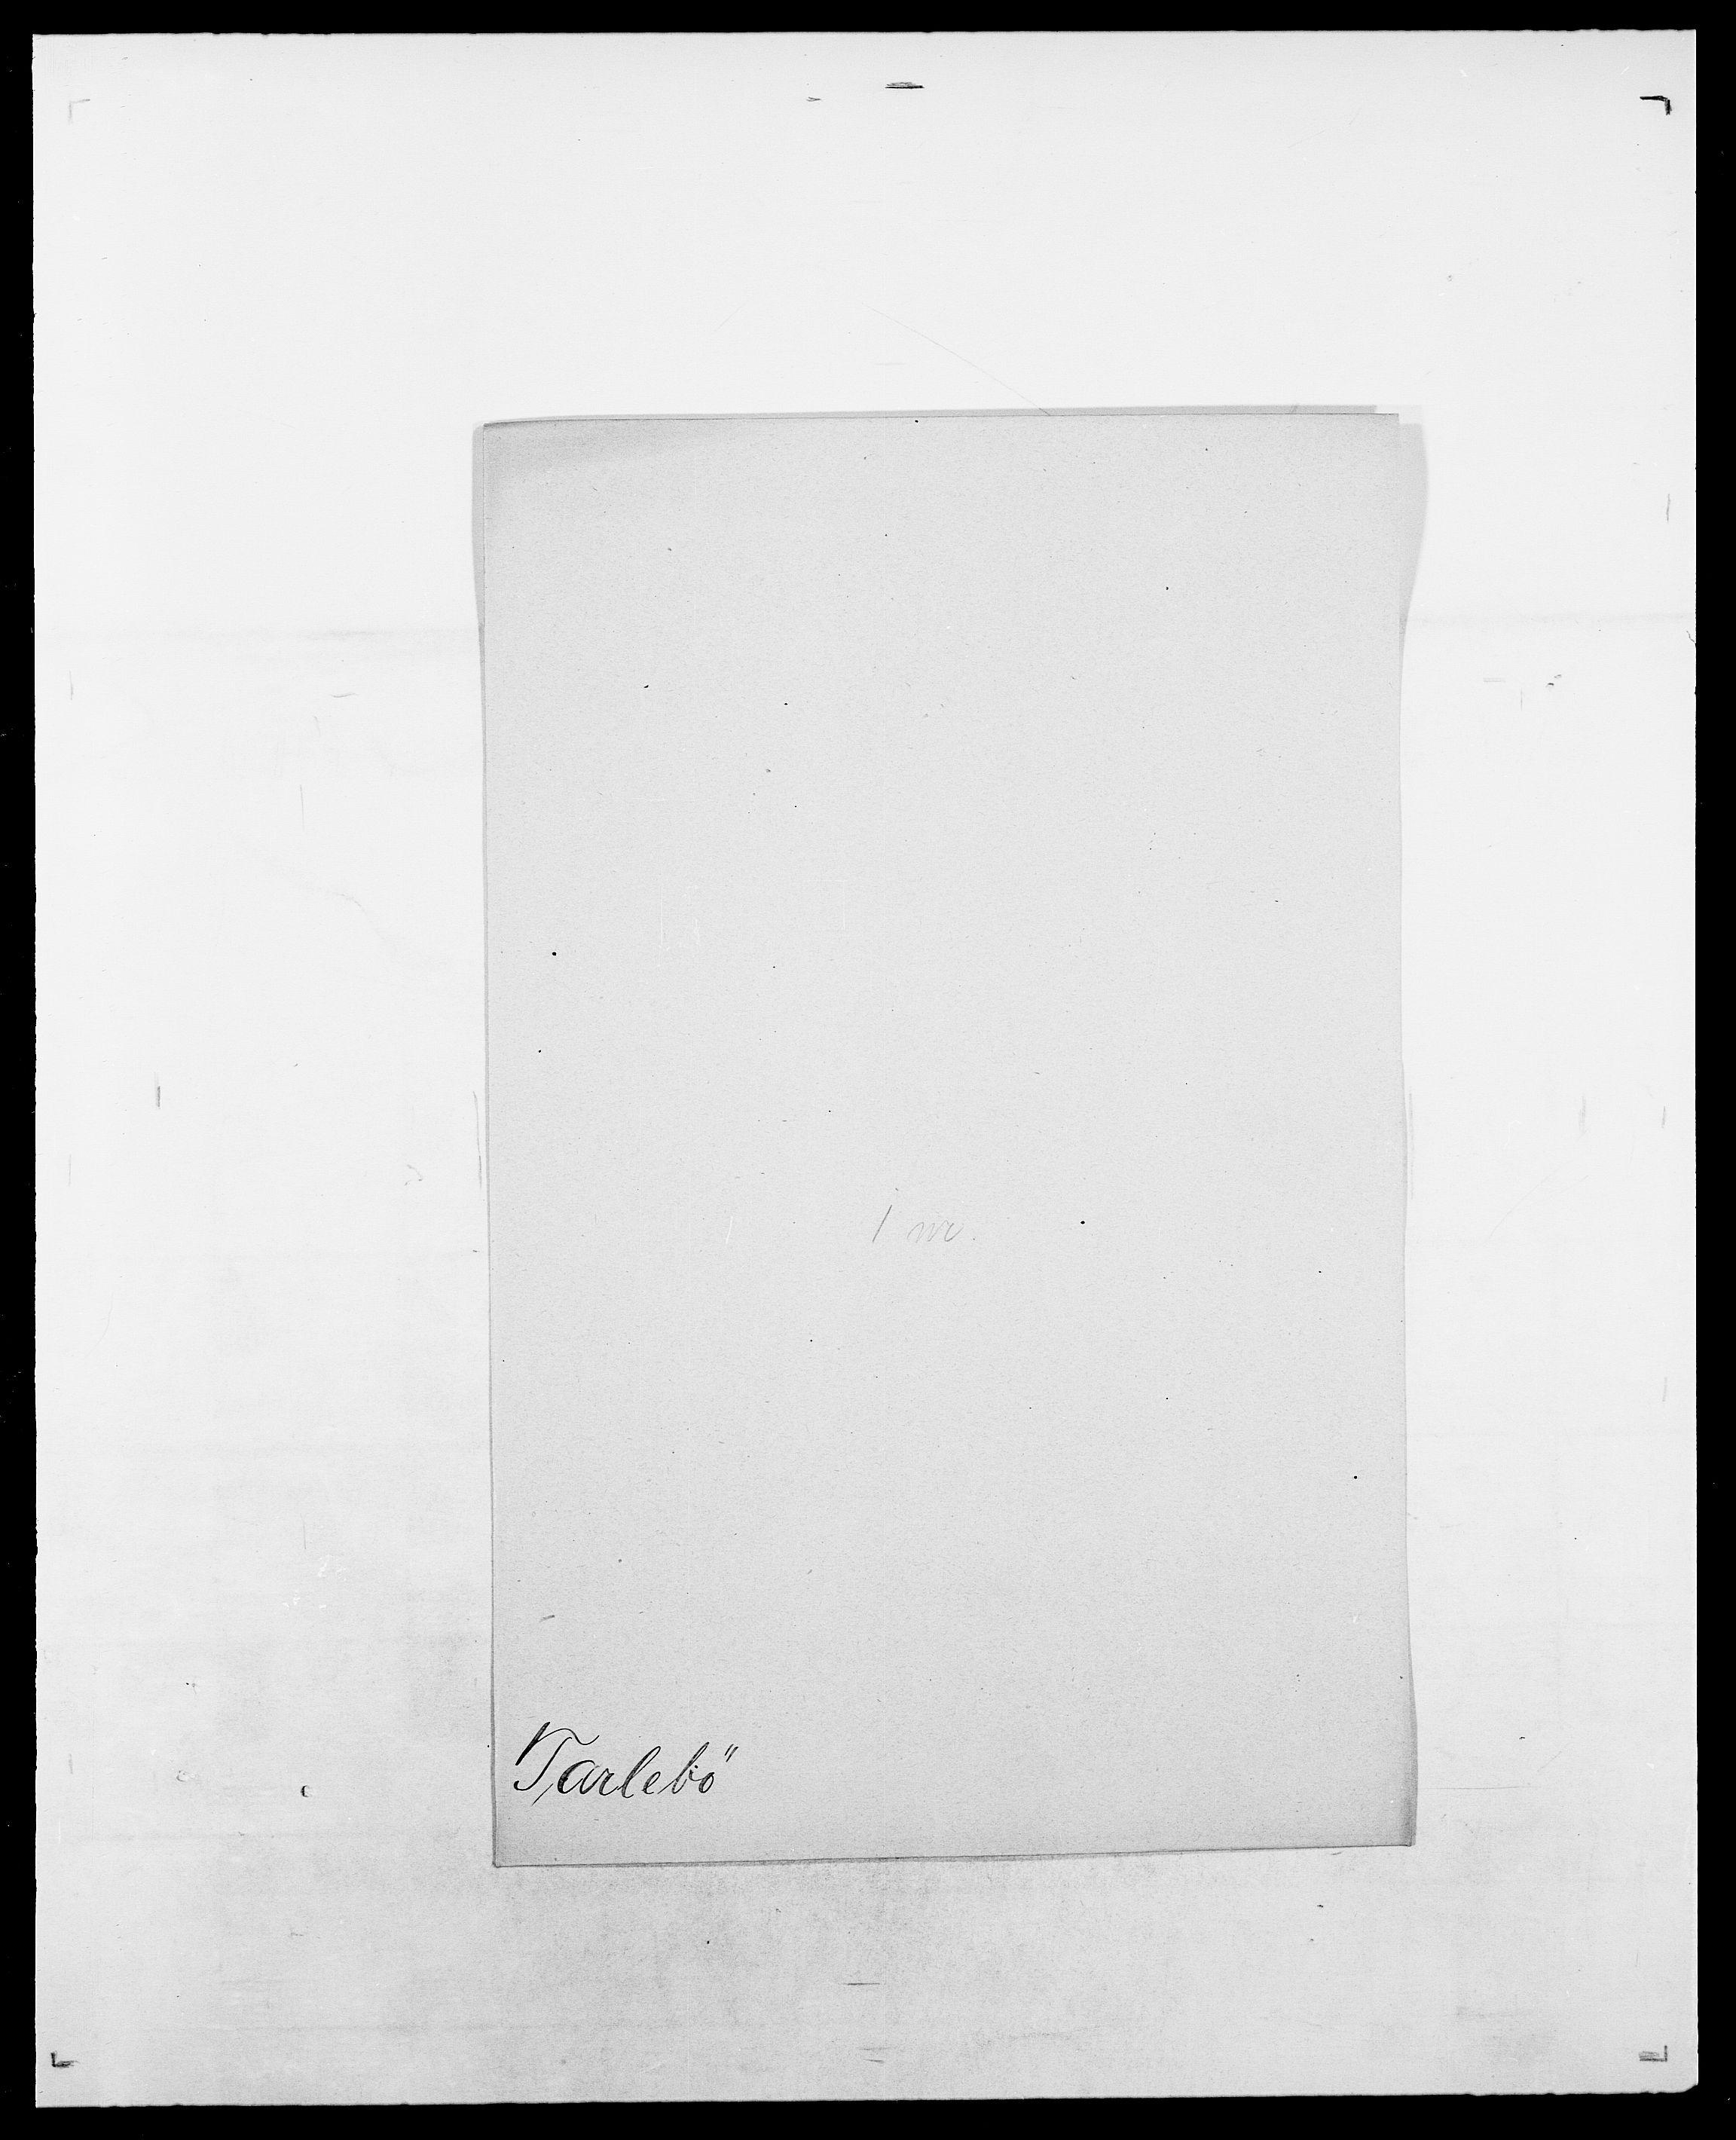 SAO, Delgobe, Charles Antoine - samling, D/Da/L0038: Svanenskjold - Thornsohn, s. 340